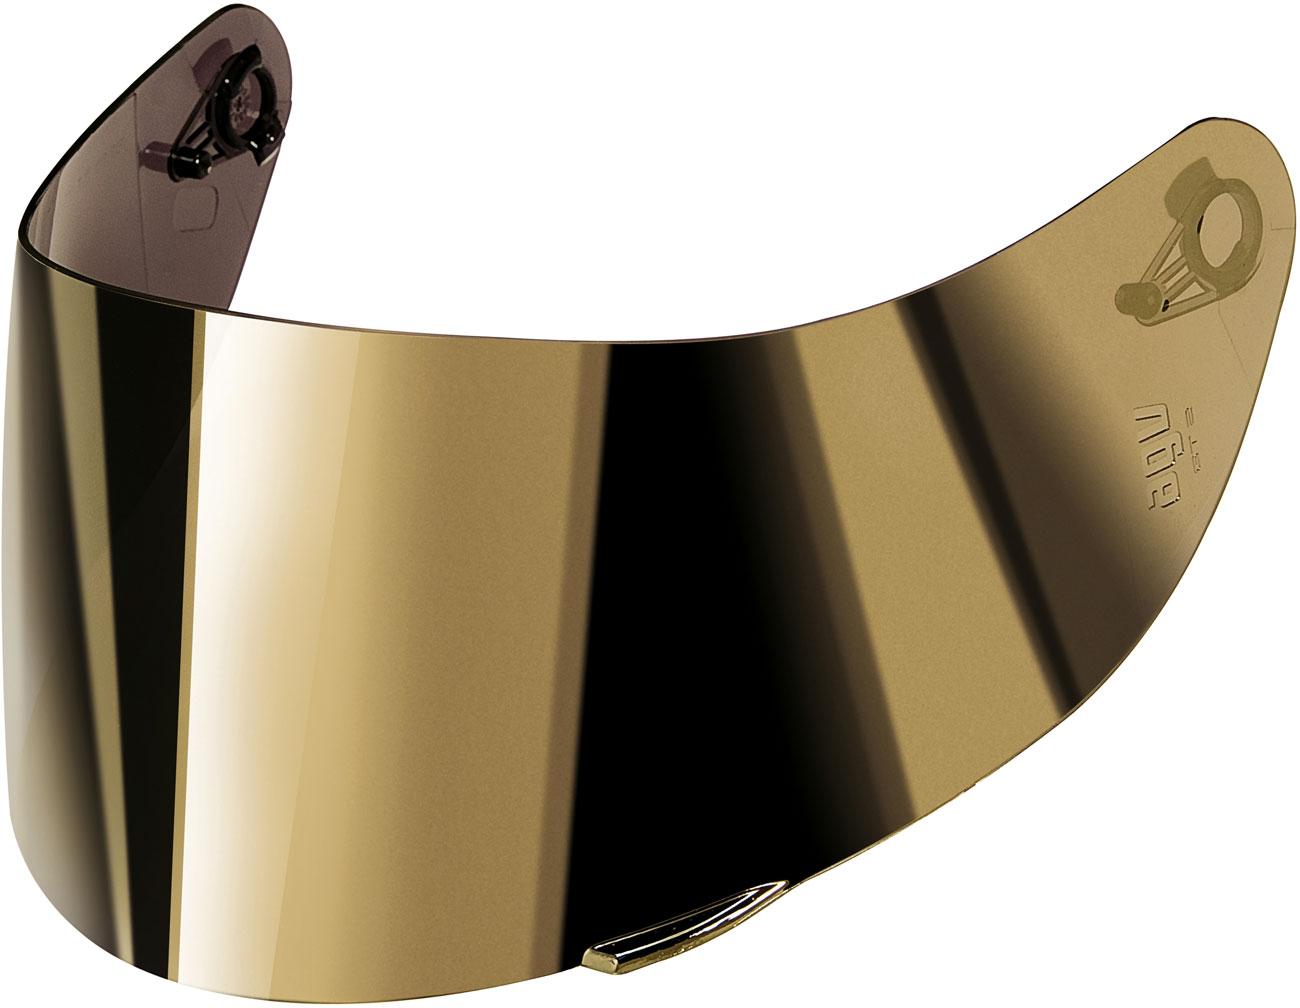 AGV GT 2 Visier verspiegelt - Gold-Verspiegelt - ML-XXL KV12B2N8-003-NFOR